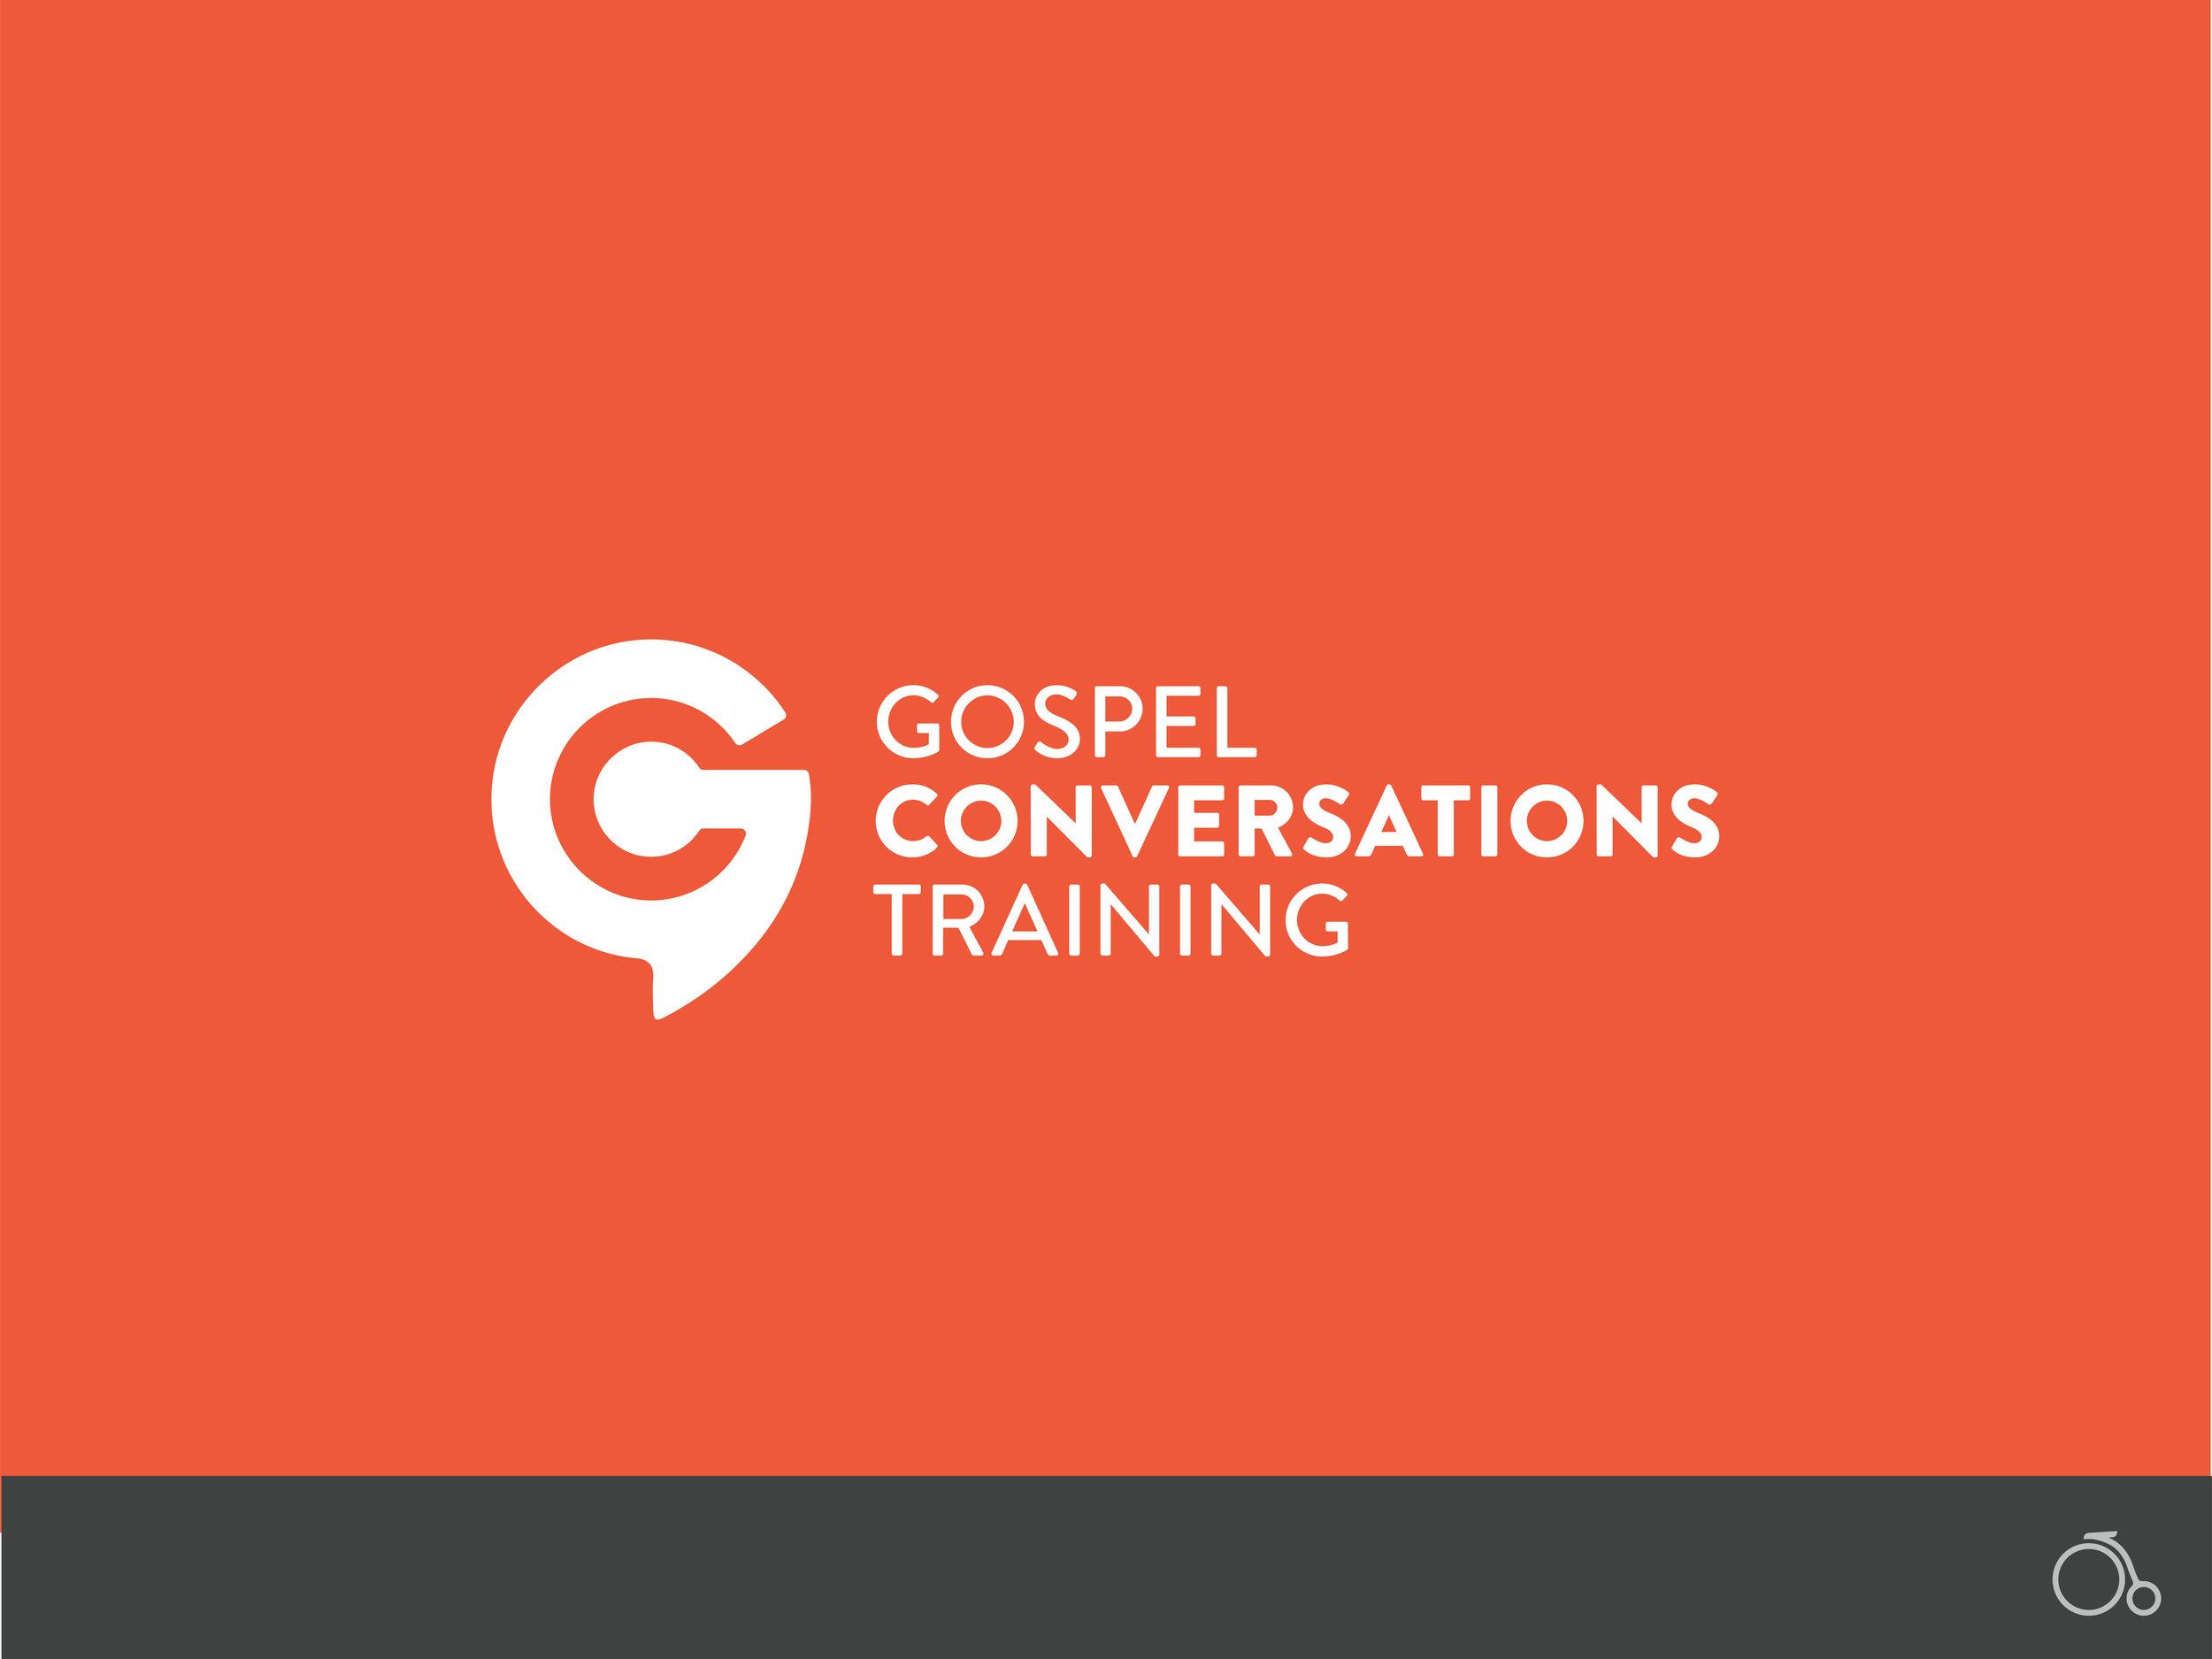 gct logo-01.jpg